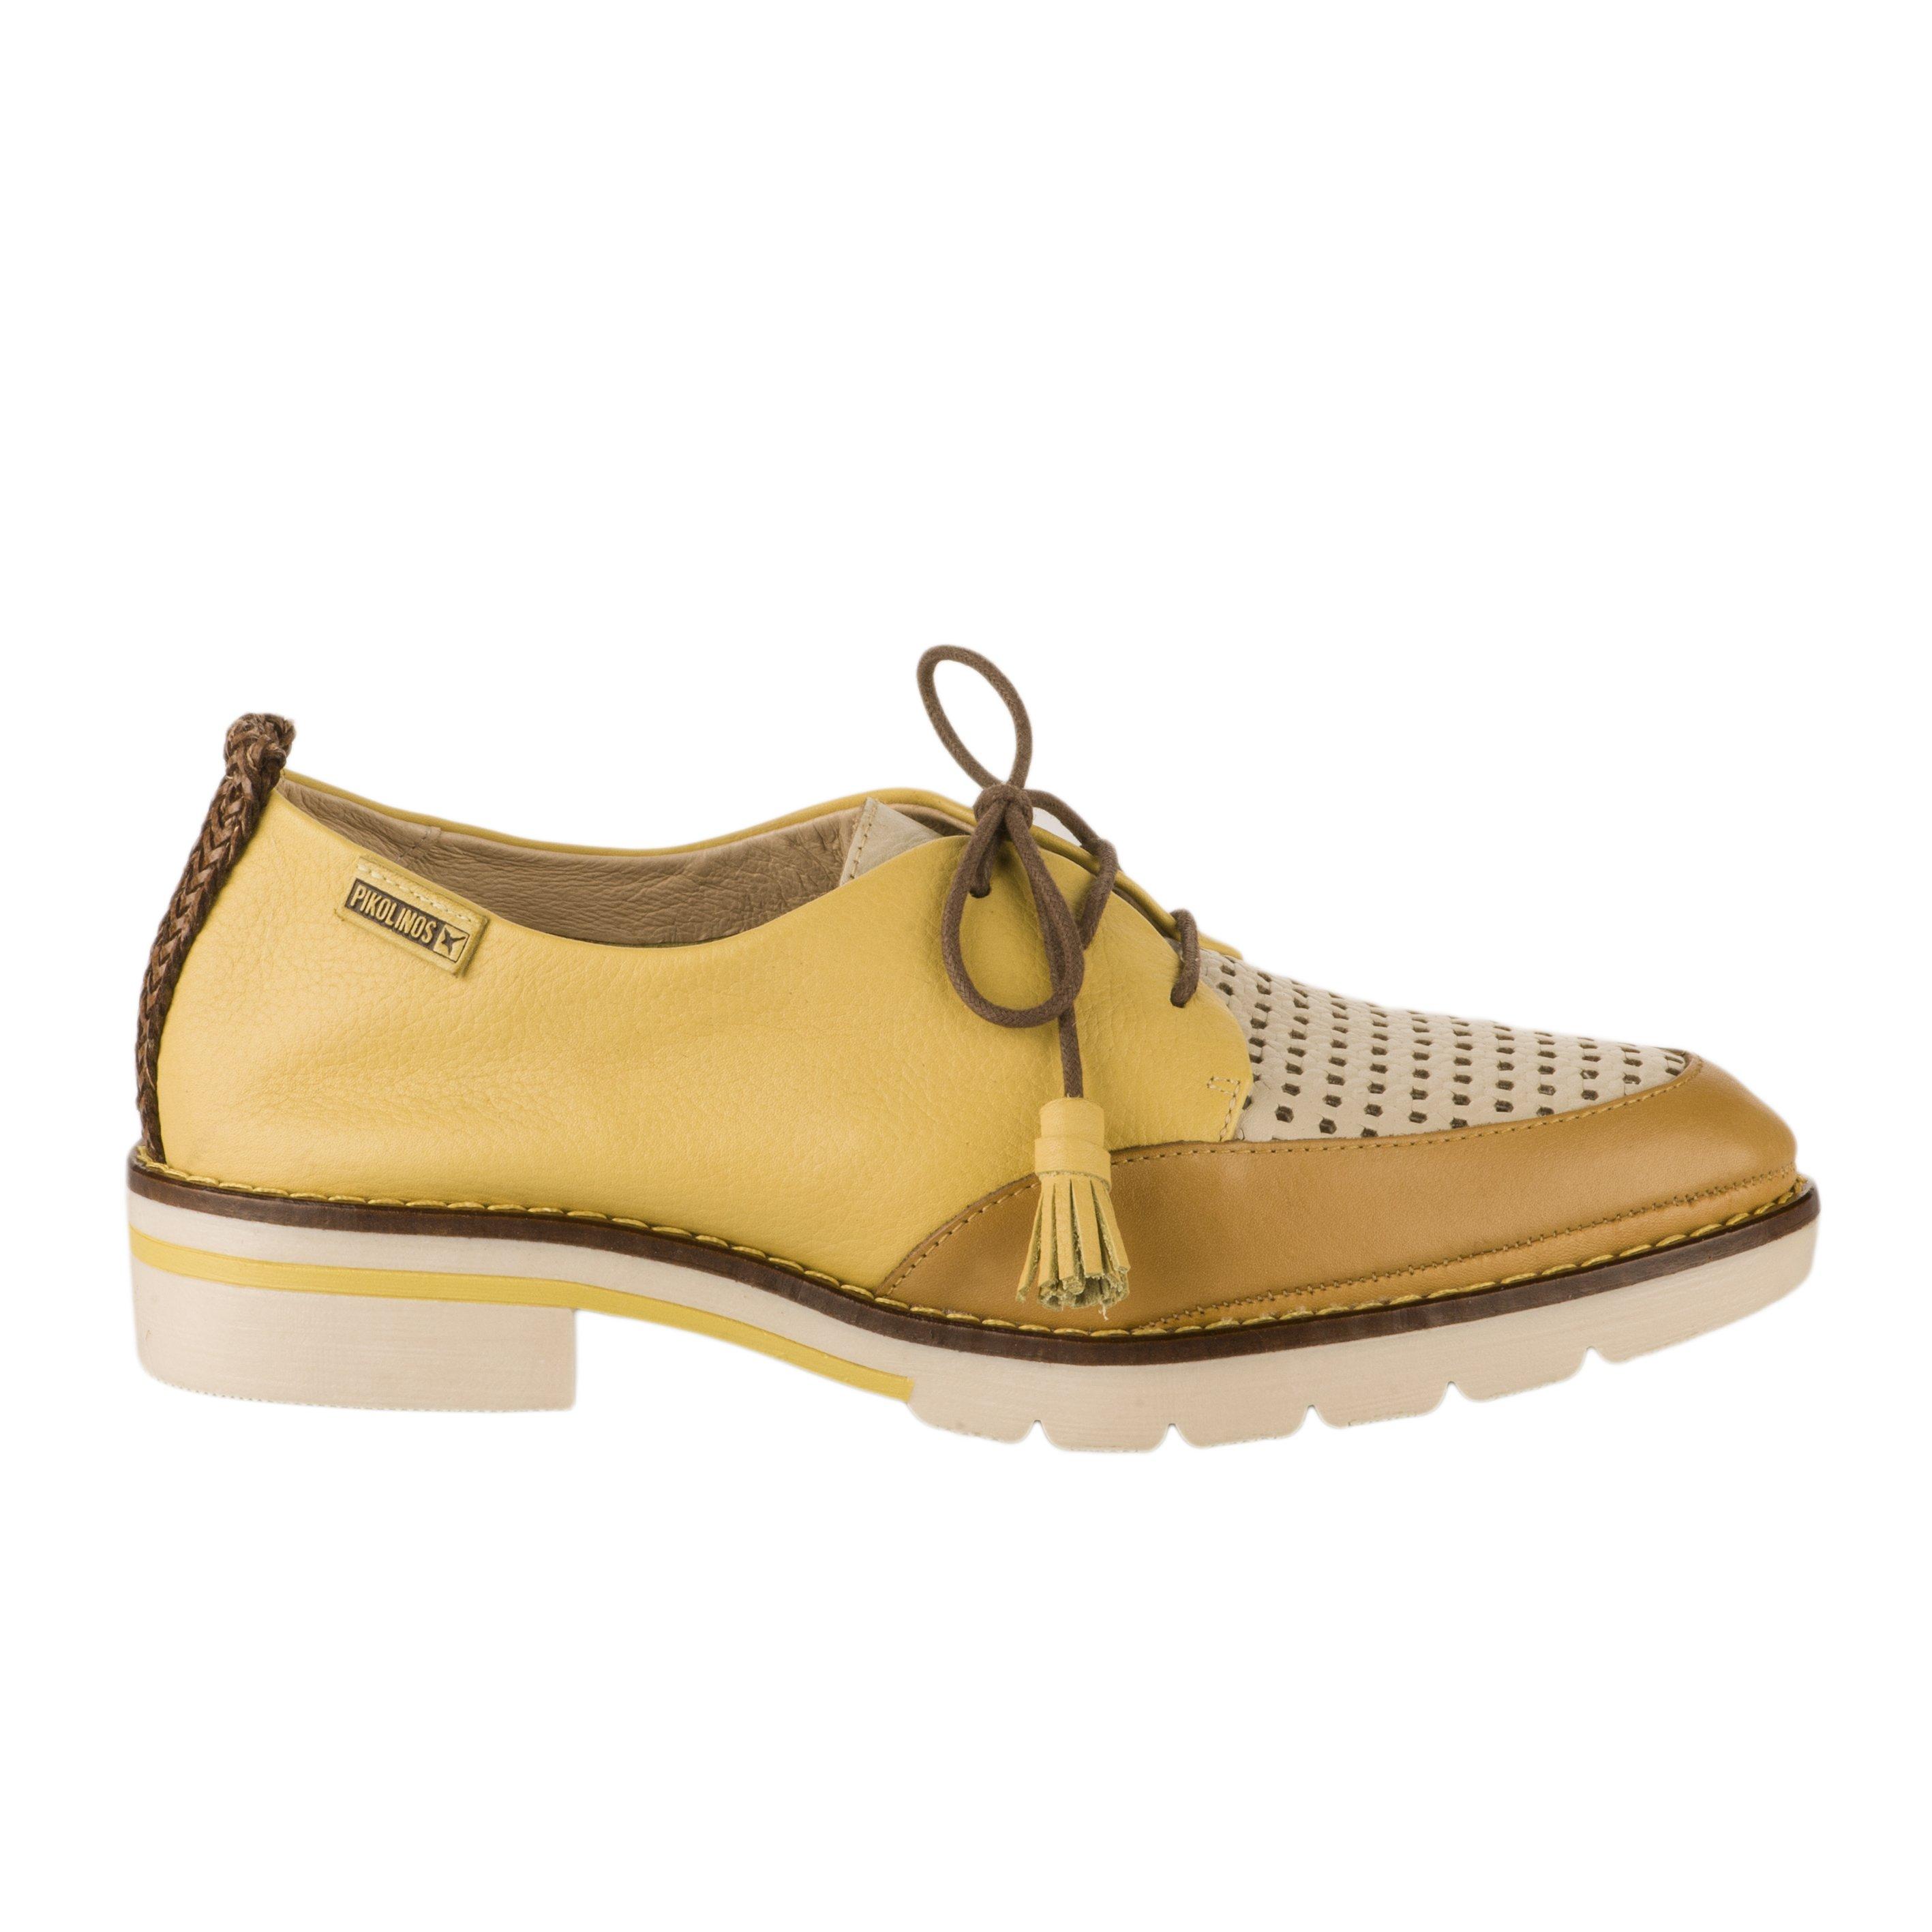 aa3d6691cdc35d Chaussures à lacets Pikolinos jaune femme - SITGES - 67234